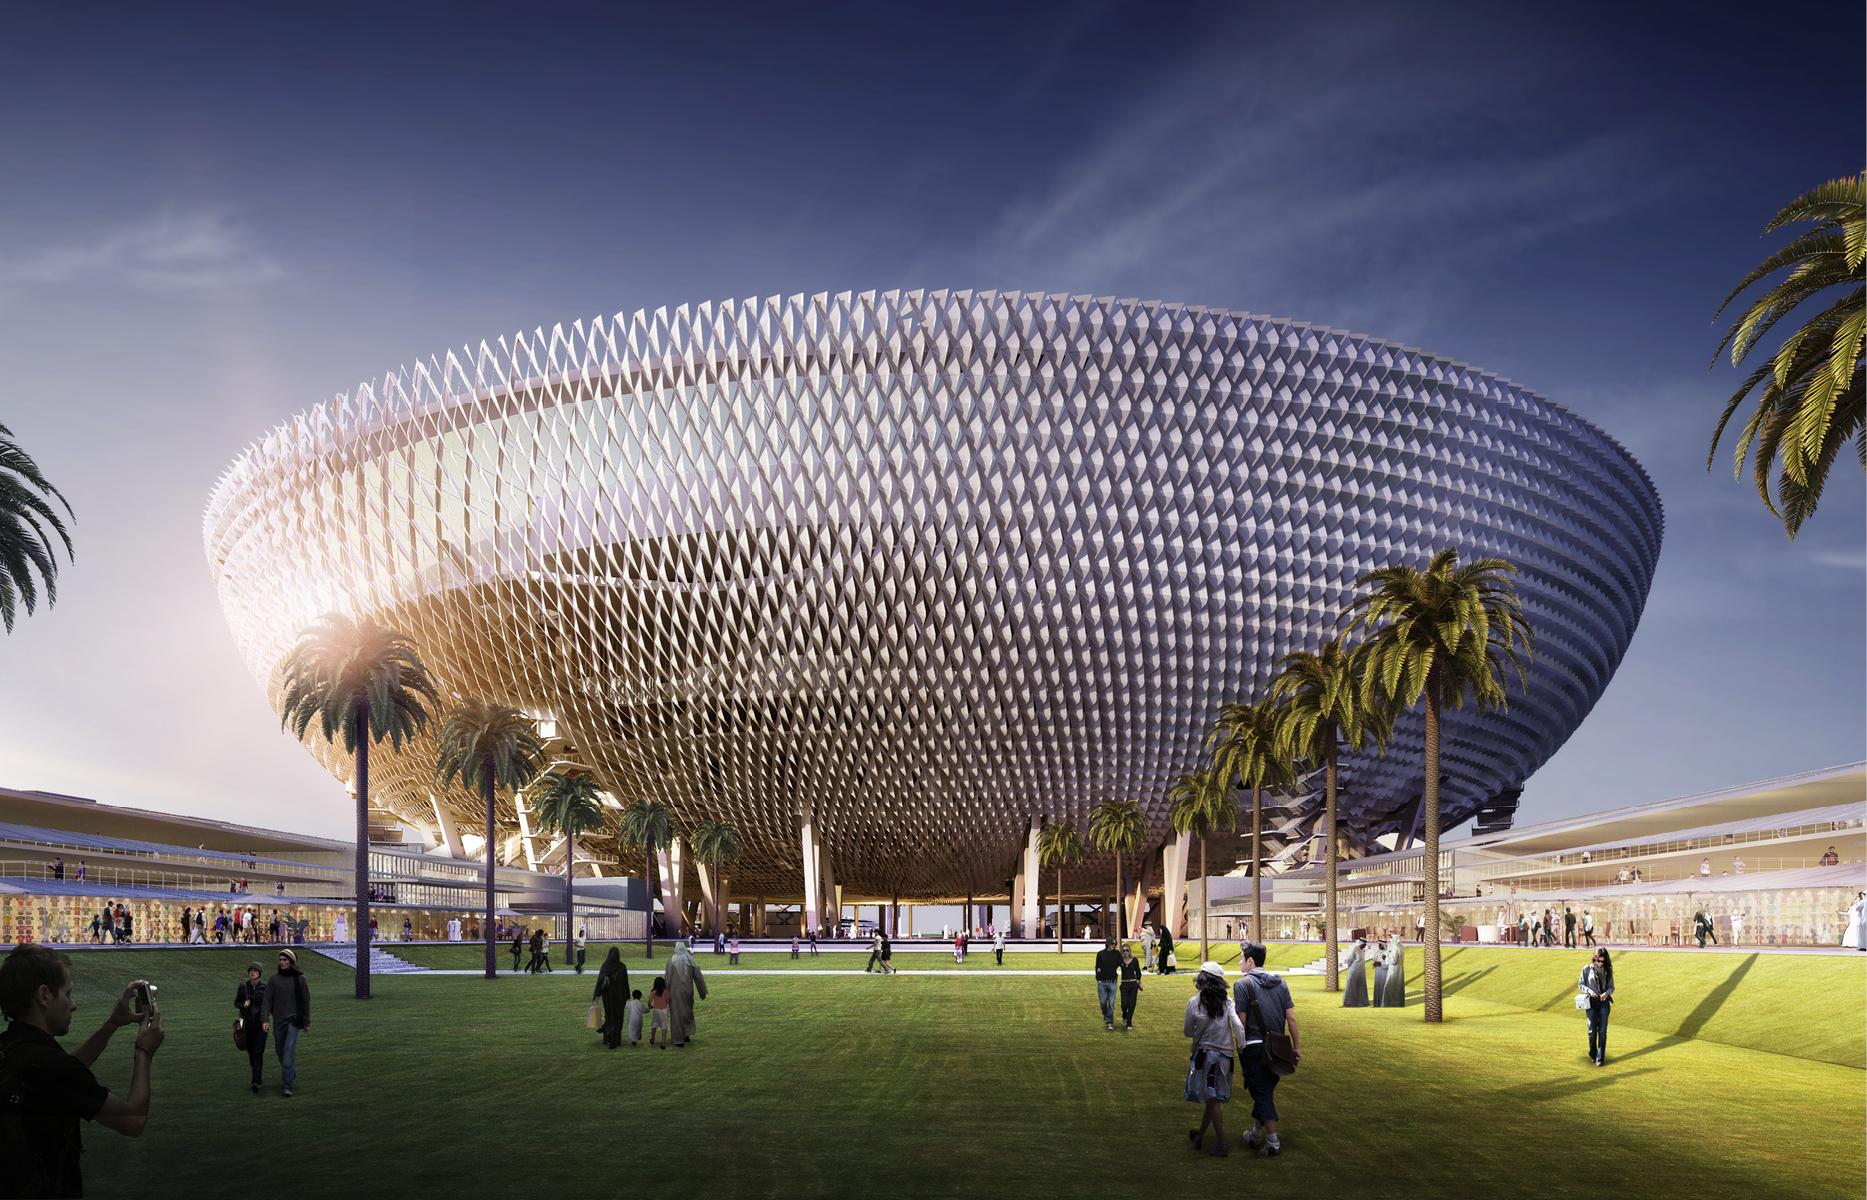 Подобно зависшей в небе летающей тарелке, Стадион Мохаммеда бин Рашидабудет возведенв 18 метрах над землей. Под игровым полем расположатся раздевалки, кафе, конференц-залы, помещения для выставок, а также парковка на 5 тыс. машино-мест